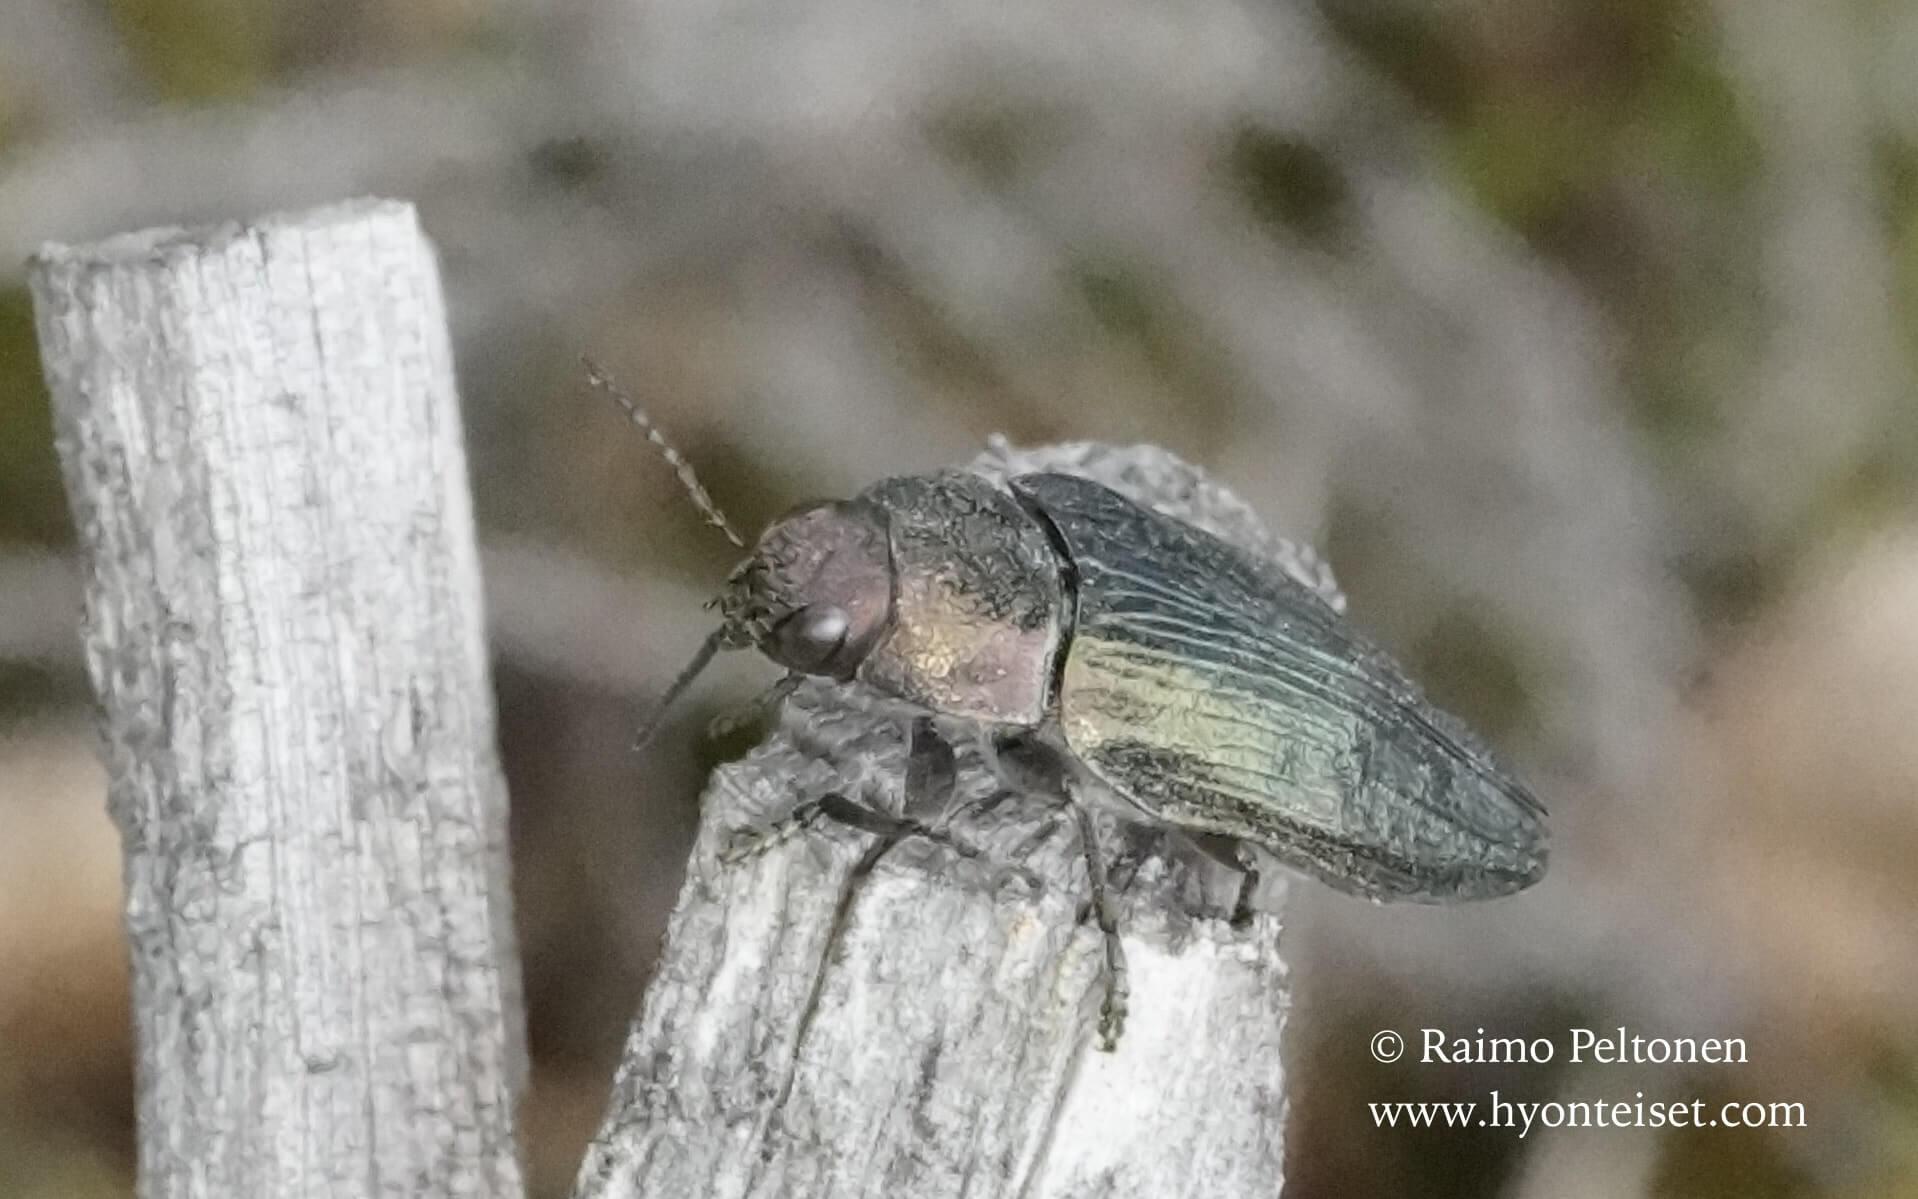 Buprestis rustica-viherjalokuoriainen, 2.7.2016 Jyväskylä